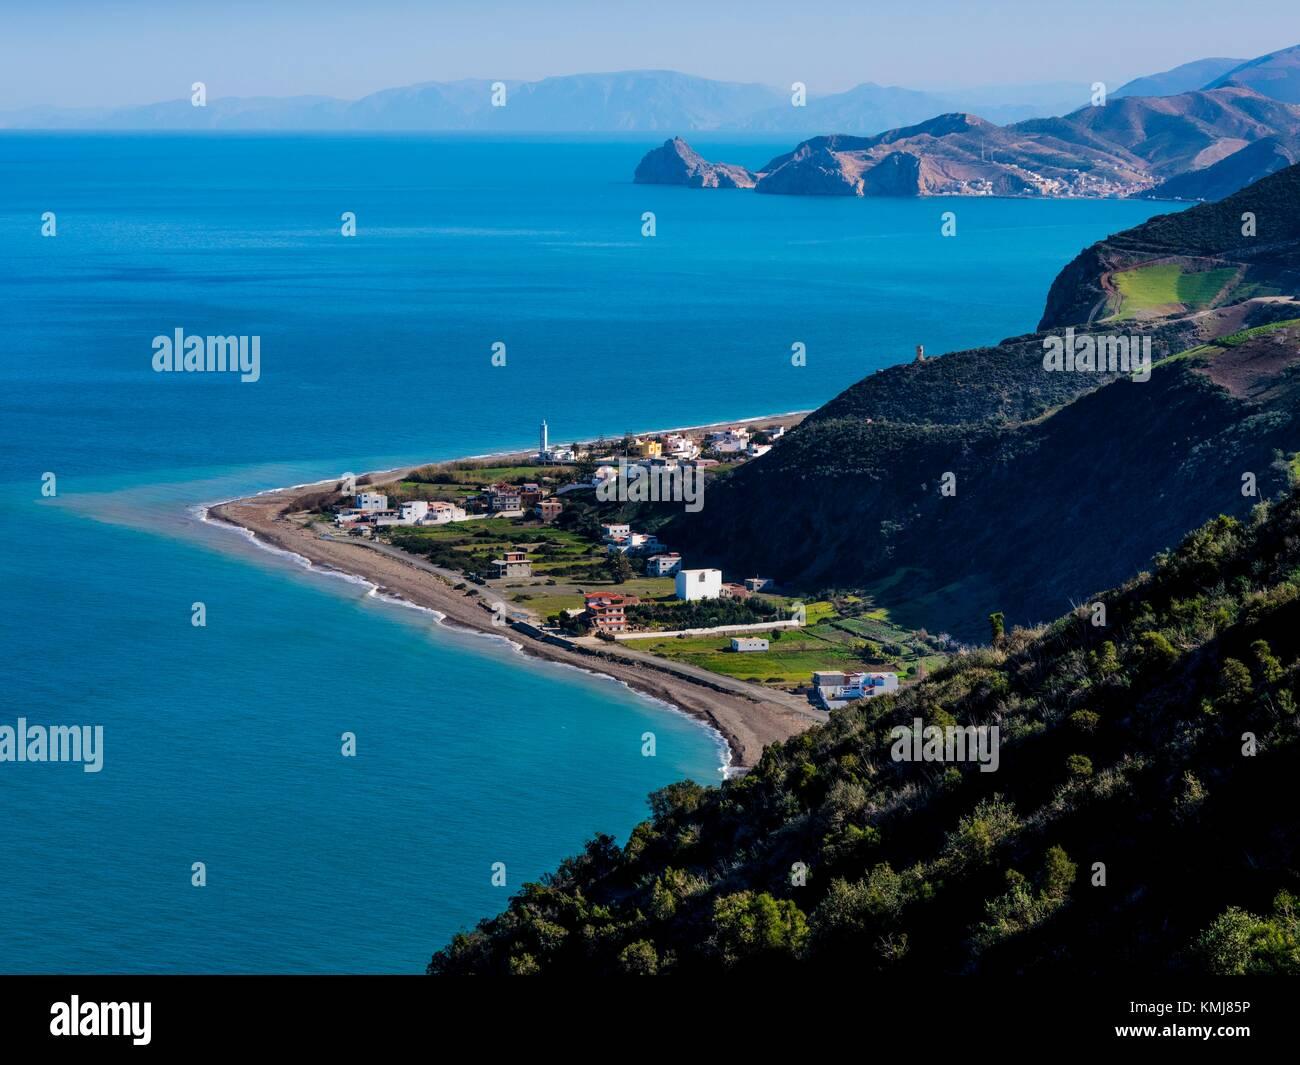 Il Marocco, costa mediterranea nei pressi di Saba. Immagini Stock